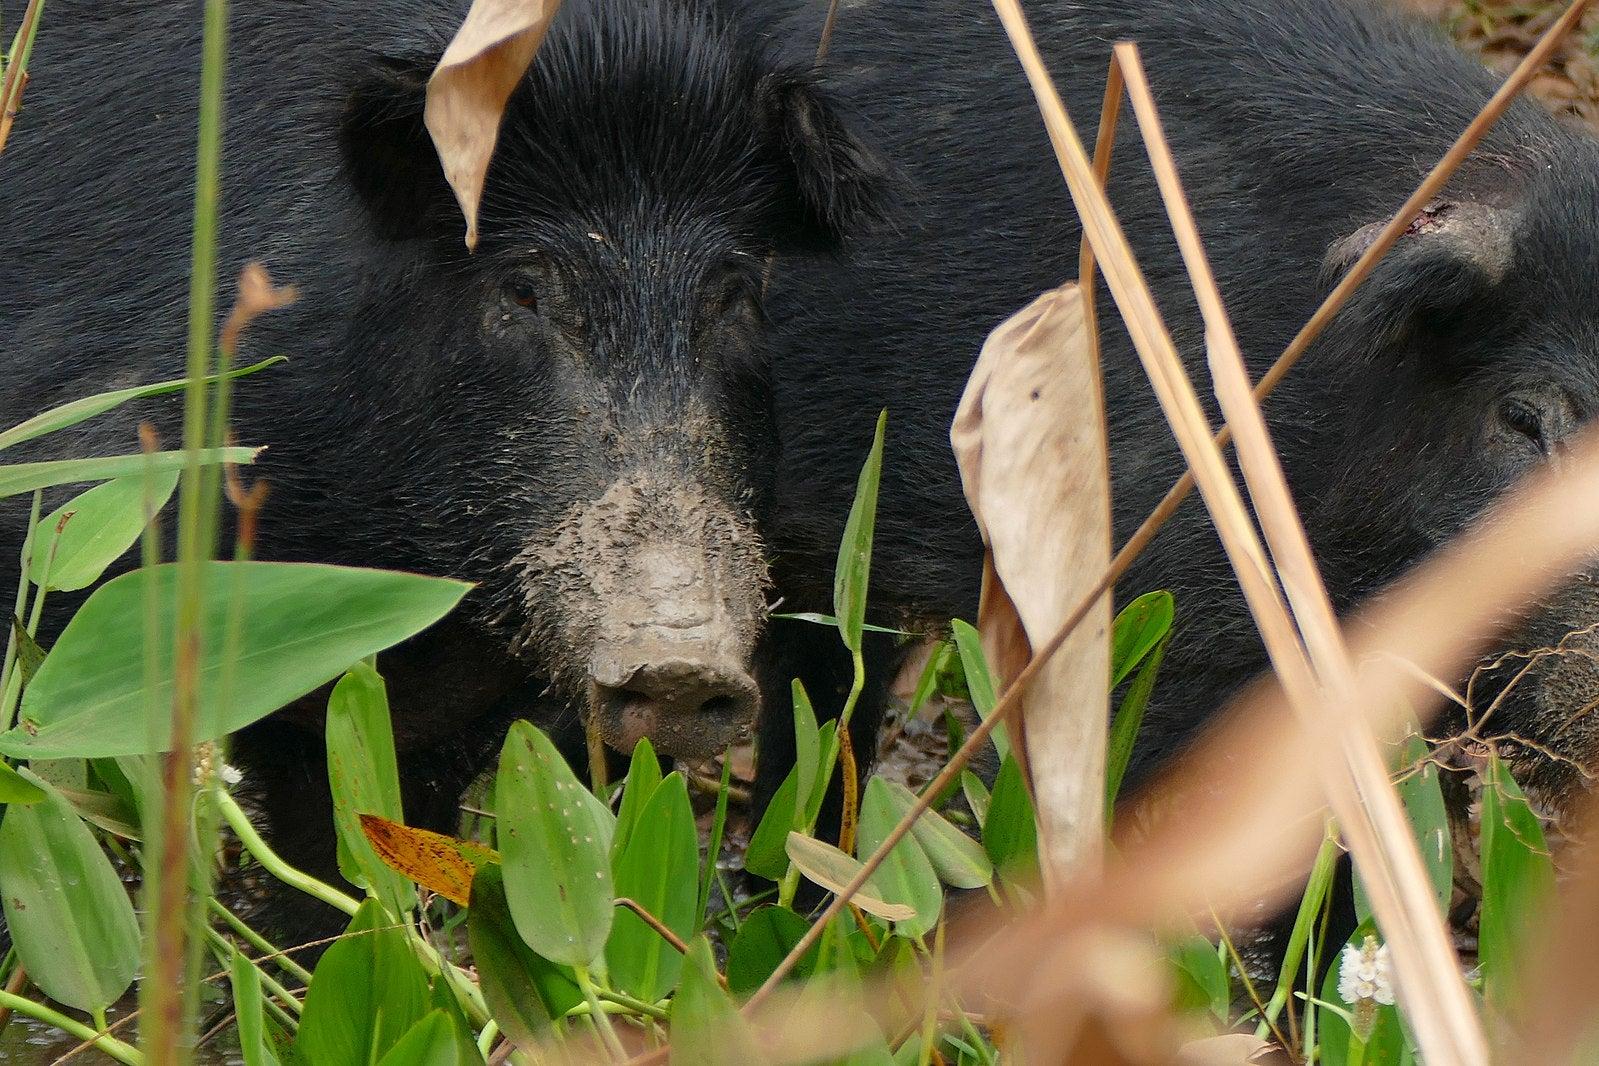 Feral pigs feeding.